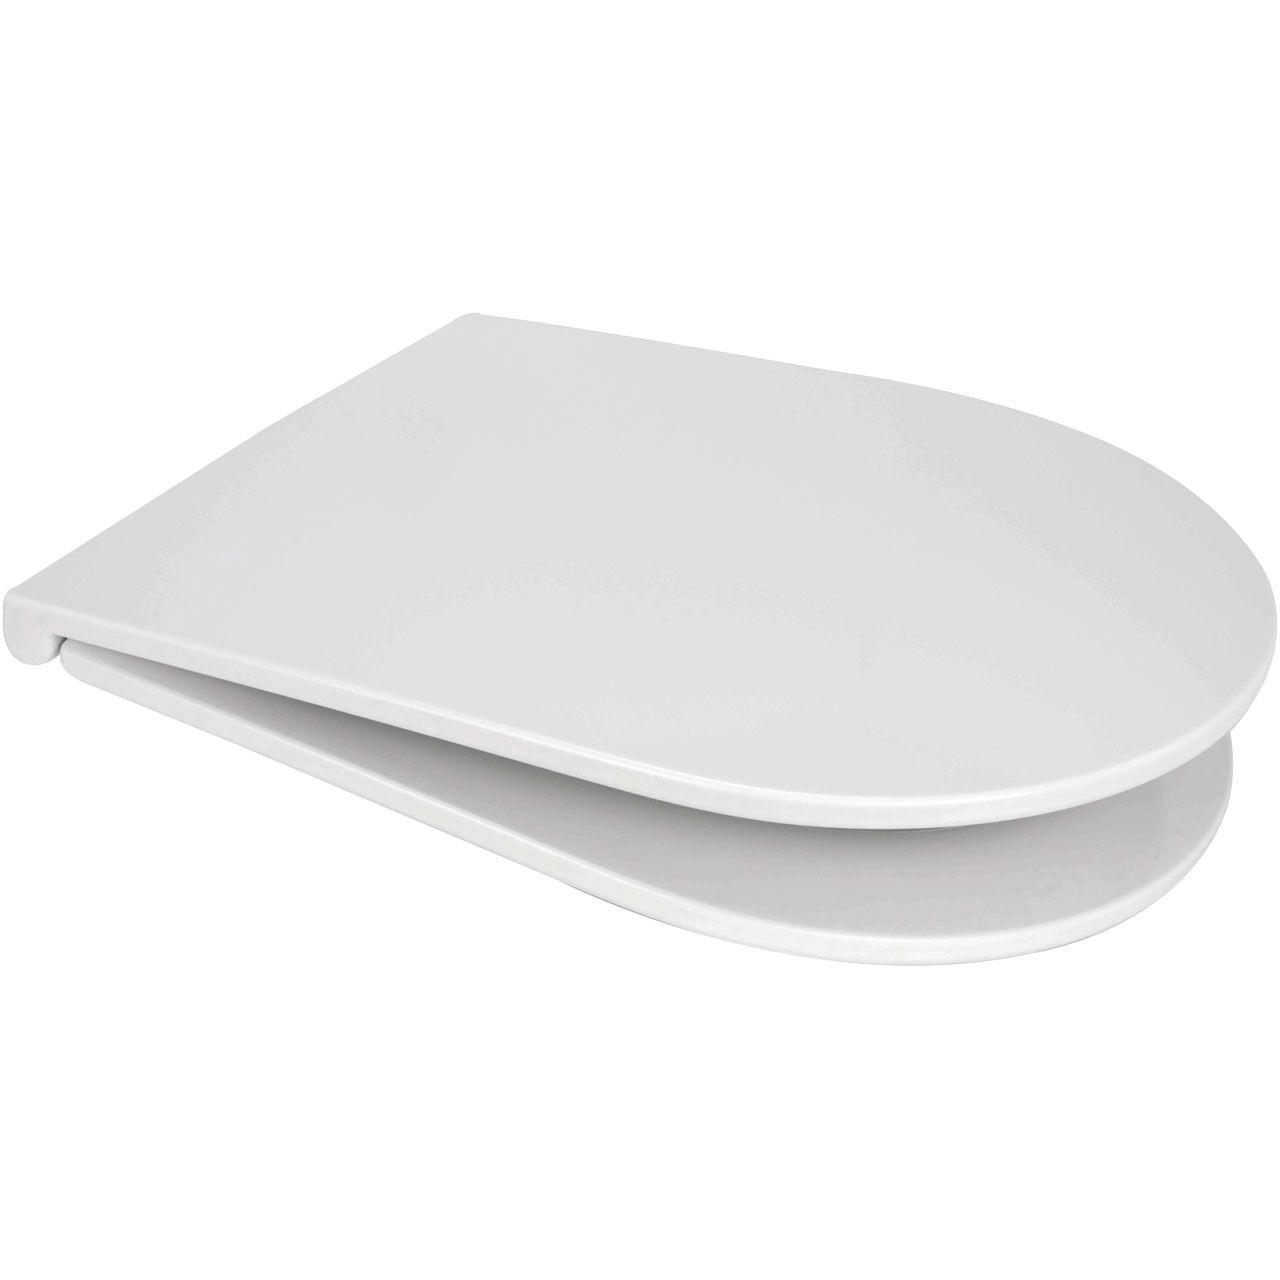 Short Length  421 mm D shape toilet seat